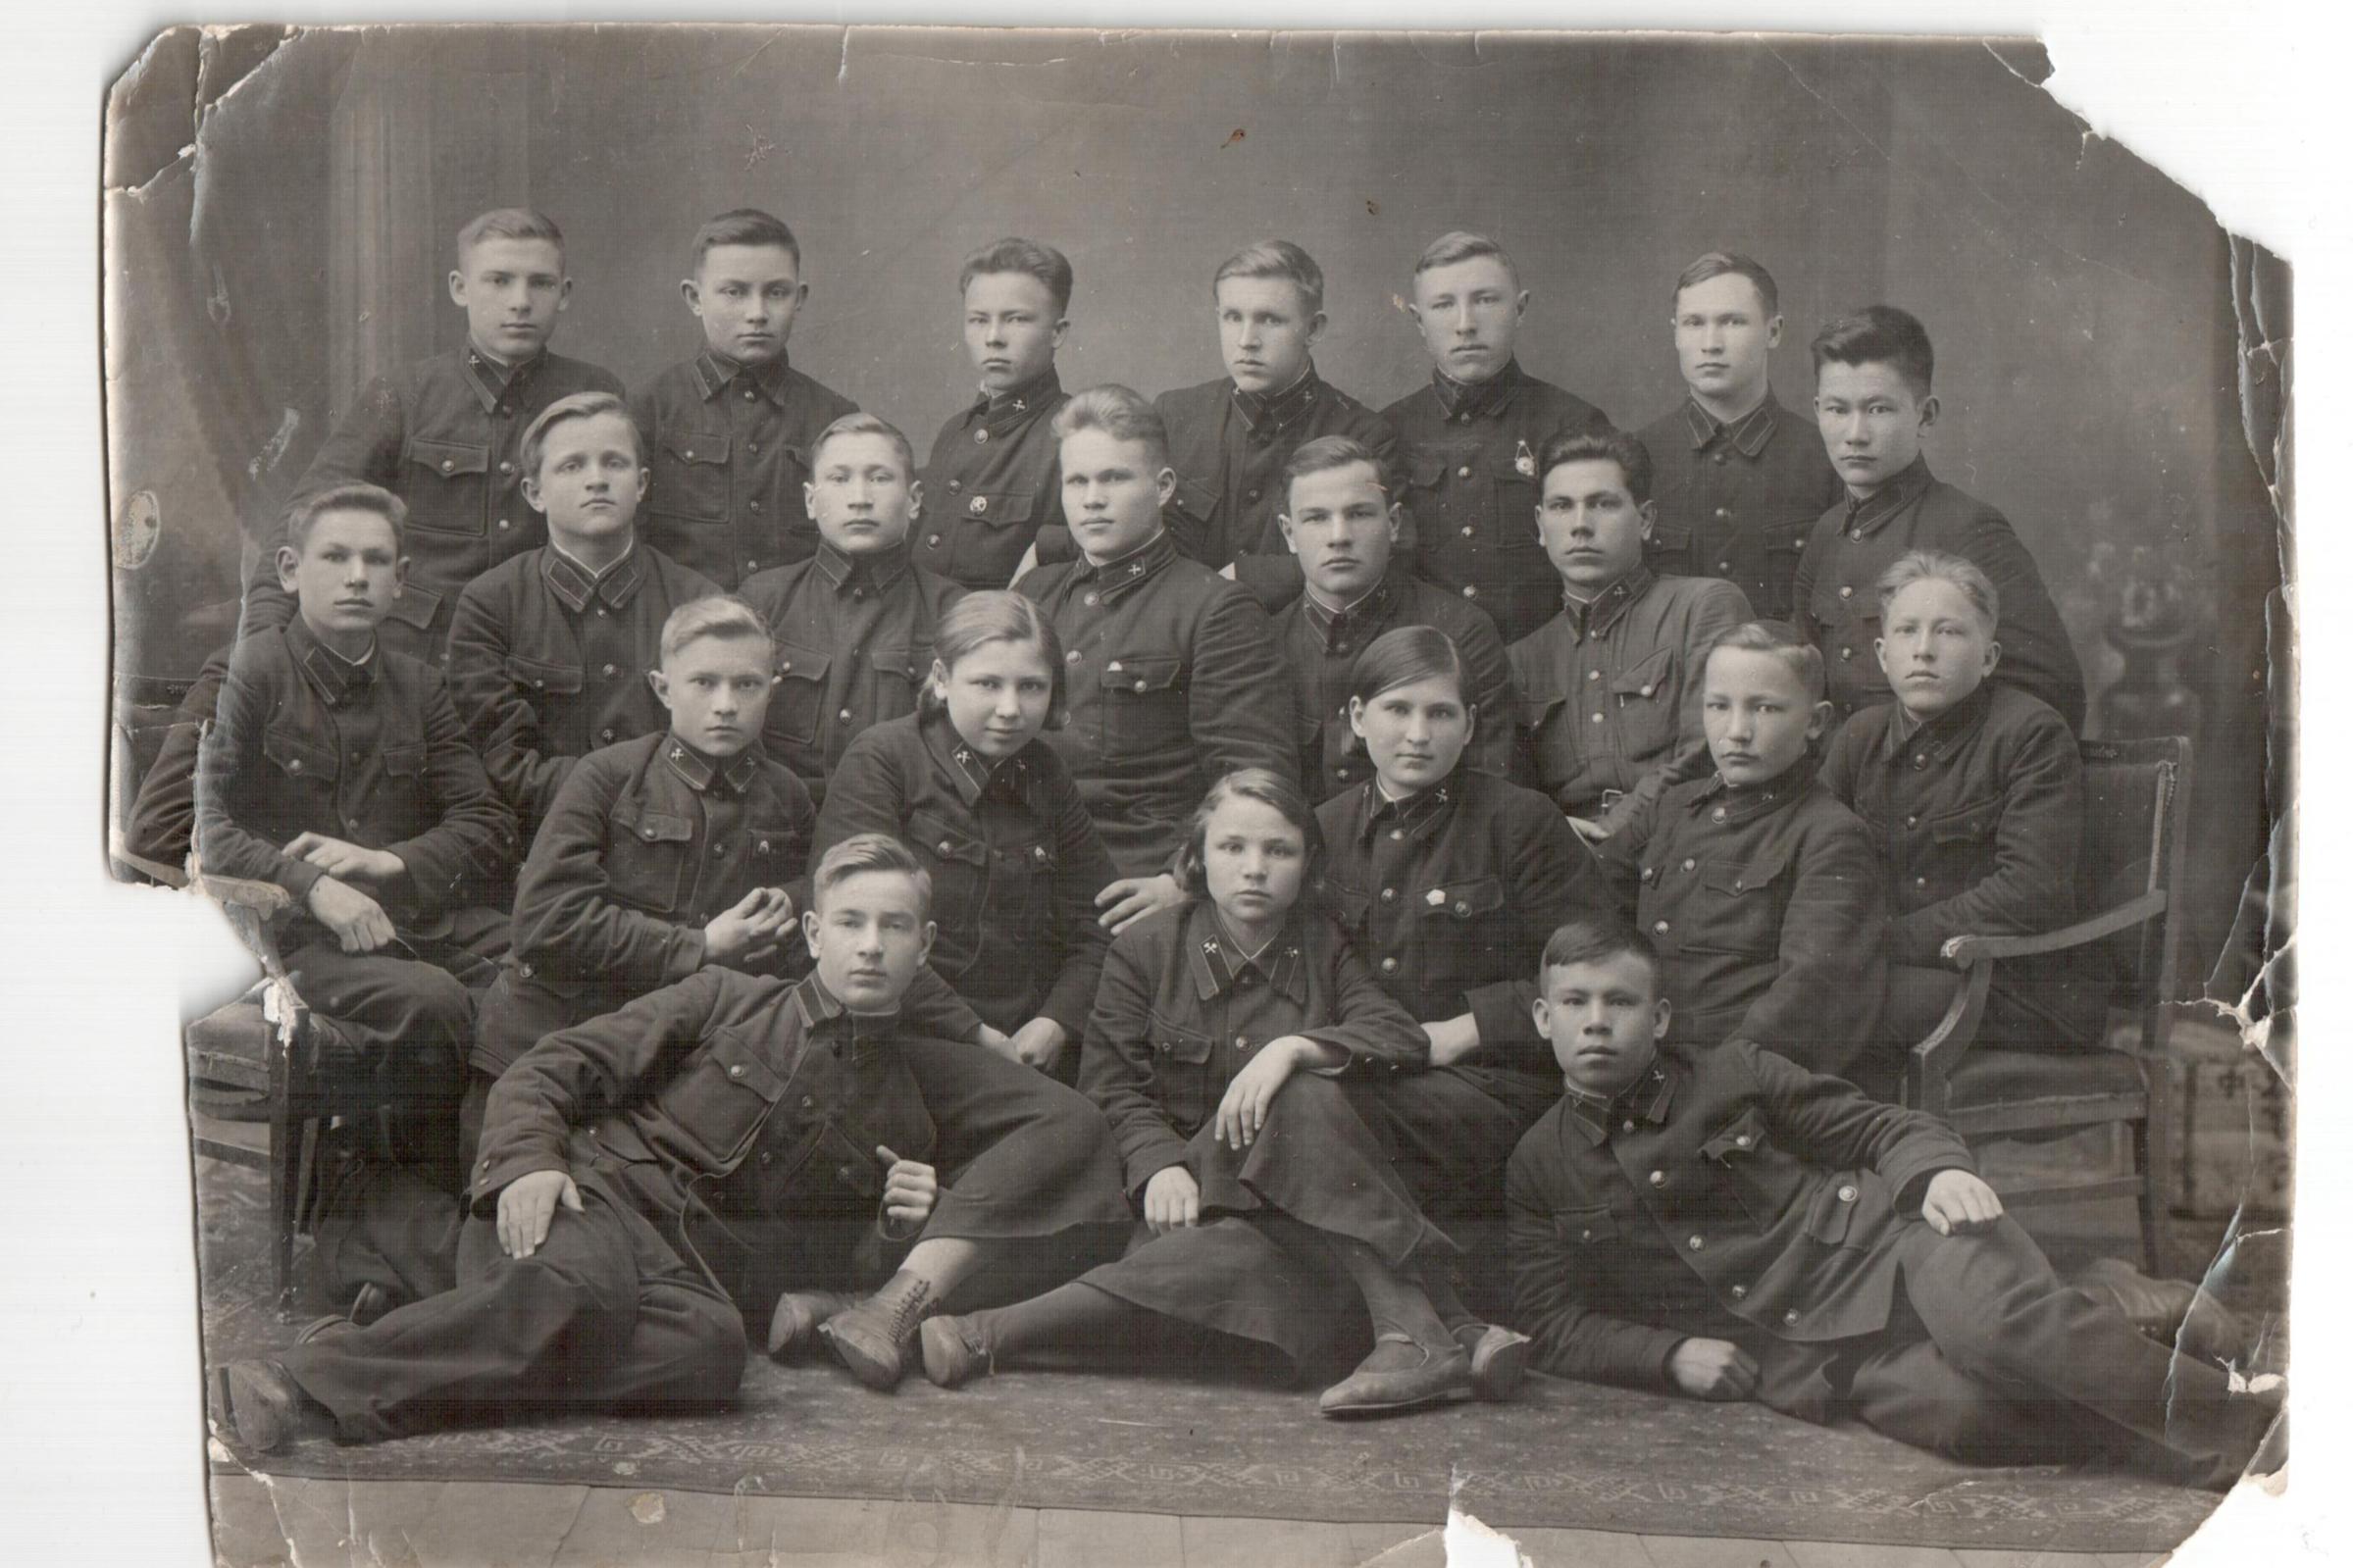 Чита, школа военного транспорта (Алексей Токмаков во втором ряду, первый справа)